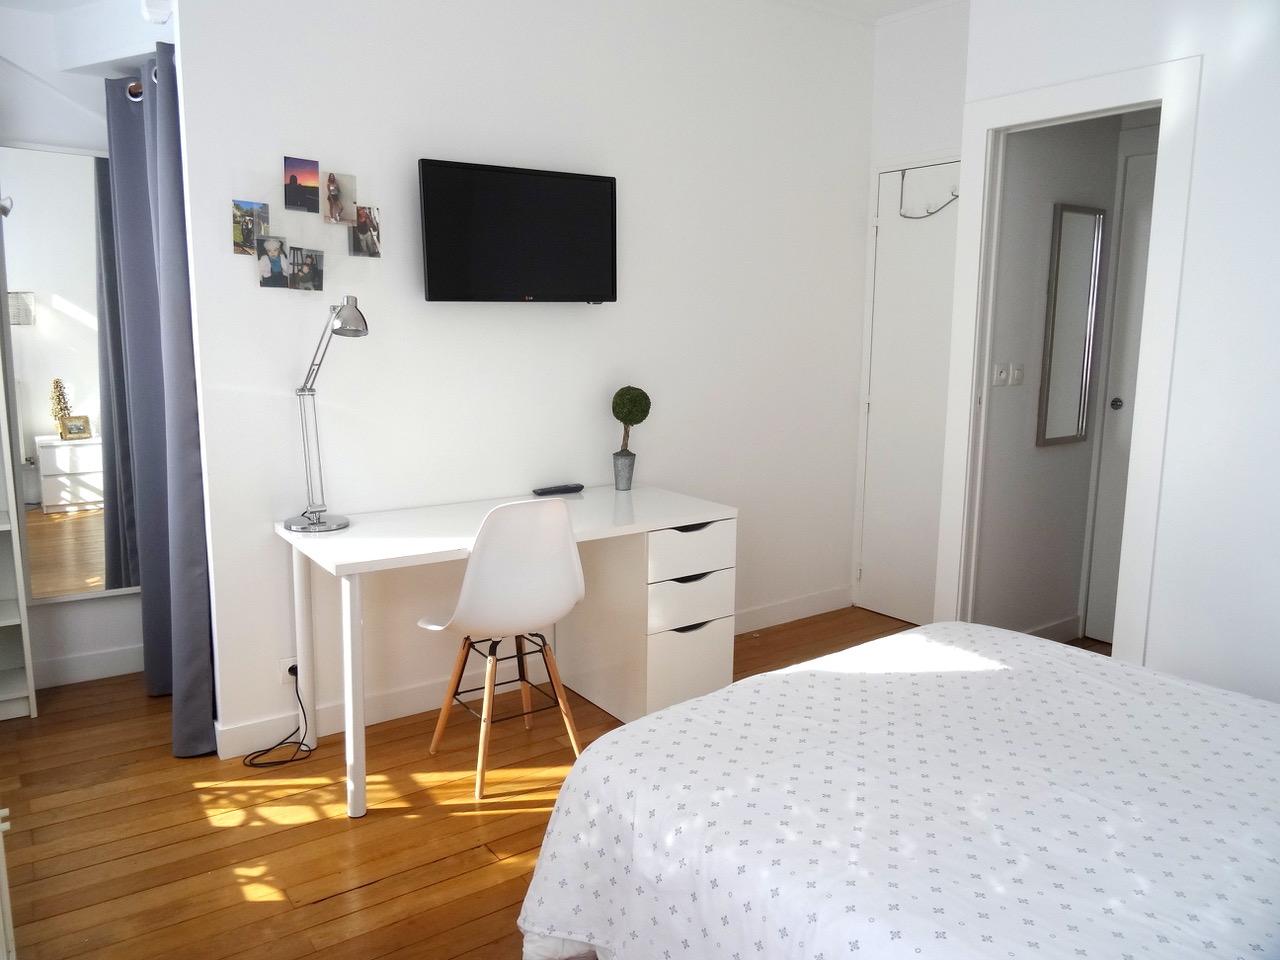 la-clef-des-villes-arnaud-mascarel-agence-immobiliere-chasseur-appartement- boulogne-billancourt-paris-16-villers-sur-mer-location-paris-porte-de-versailles-chambre